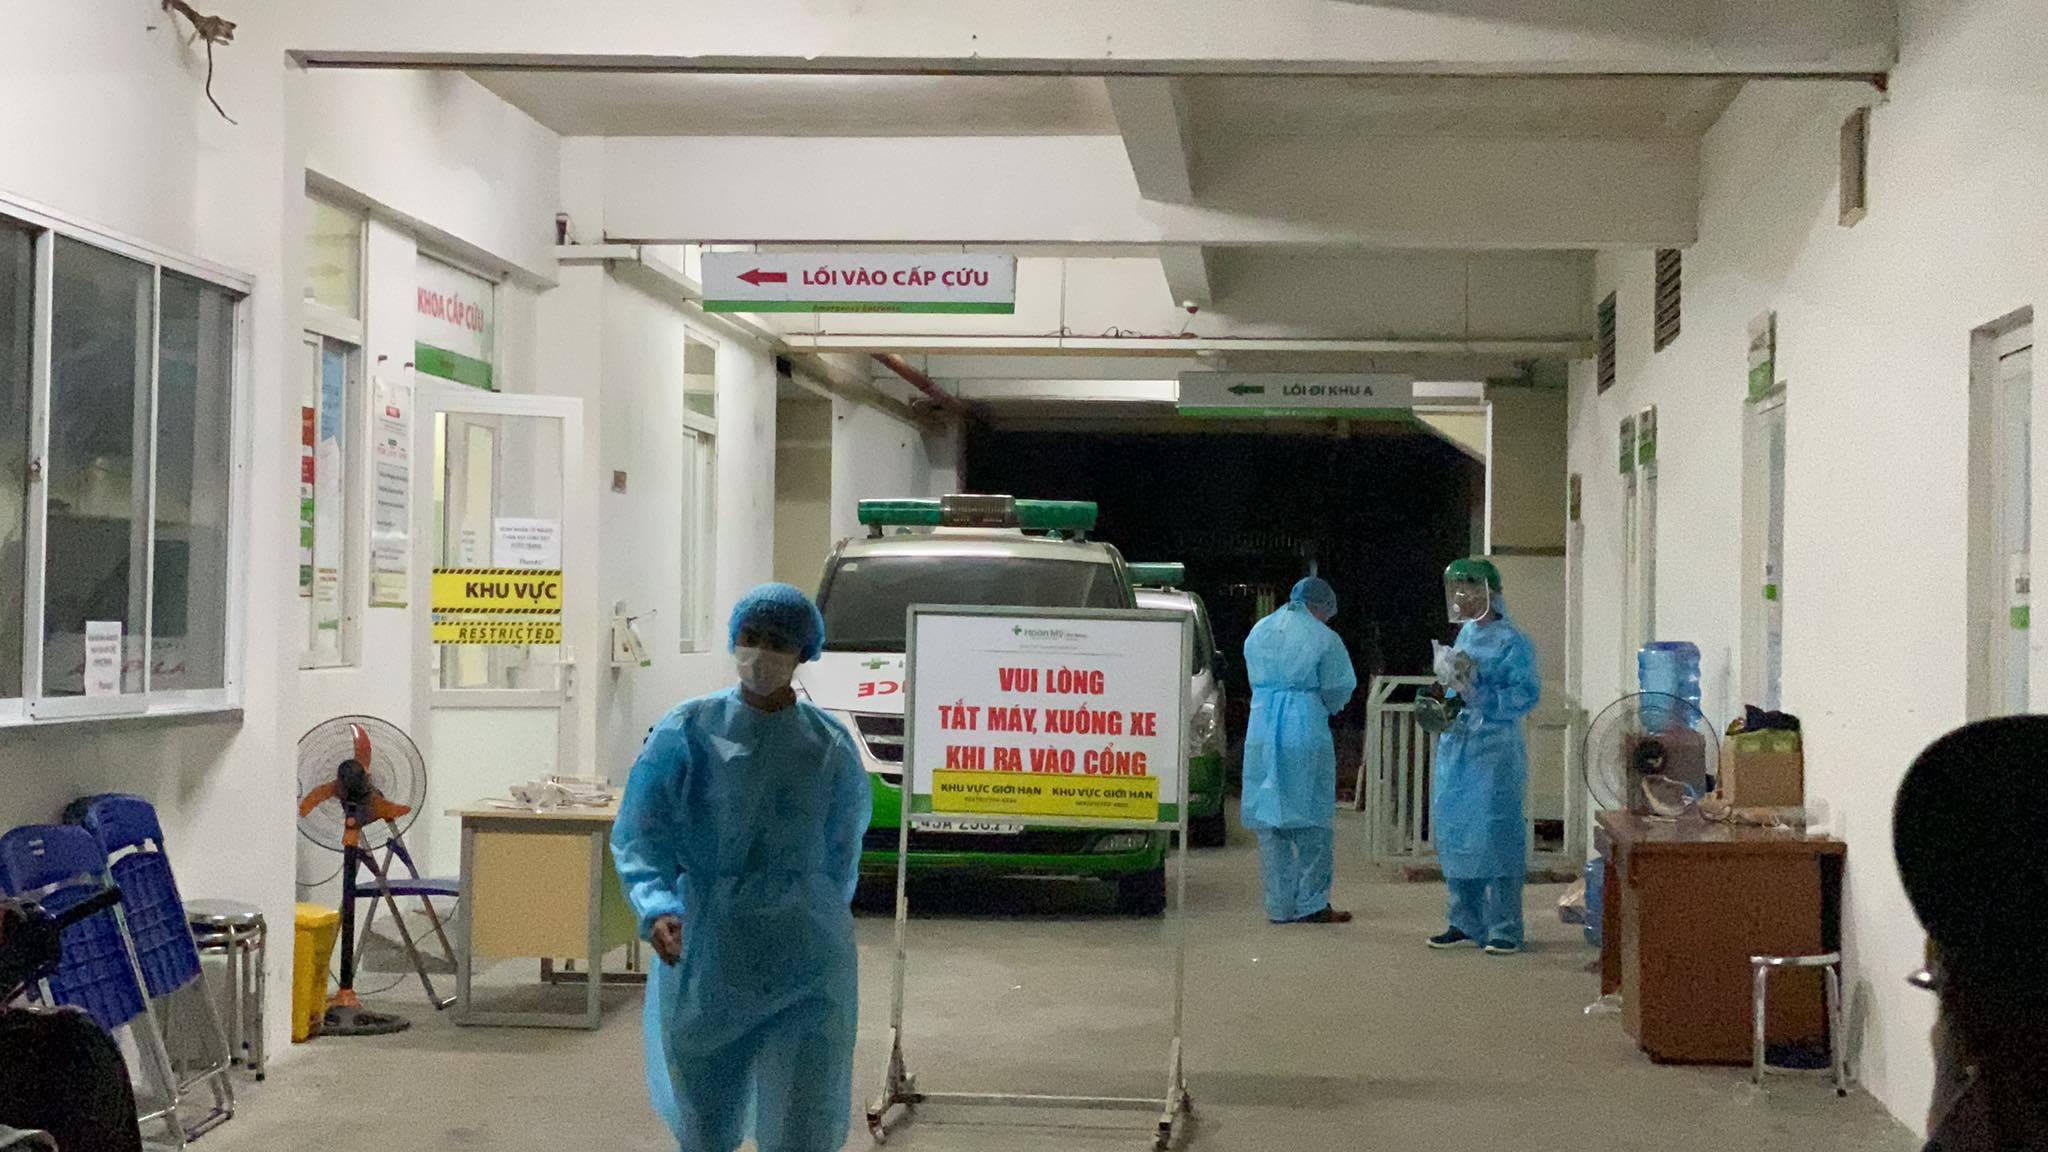 Lịch trình di chuyển ở Đà Nẵng của 8 bệnh nhân Covid-19 mới công bố